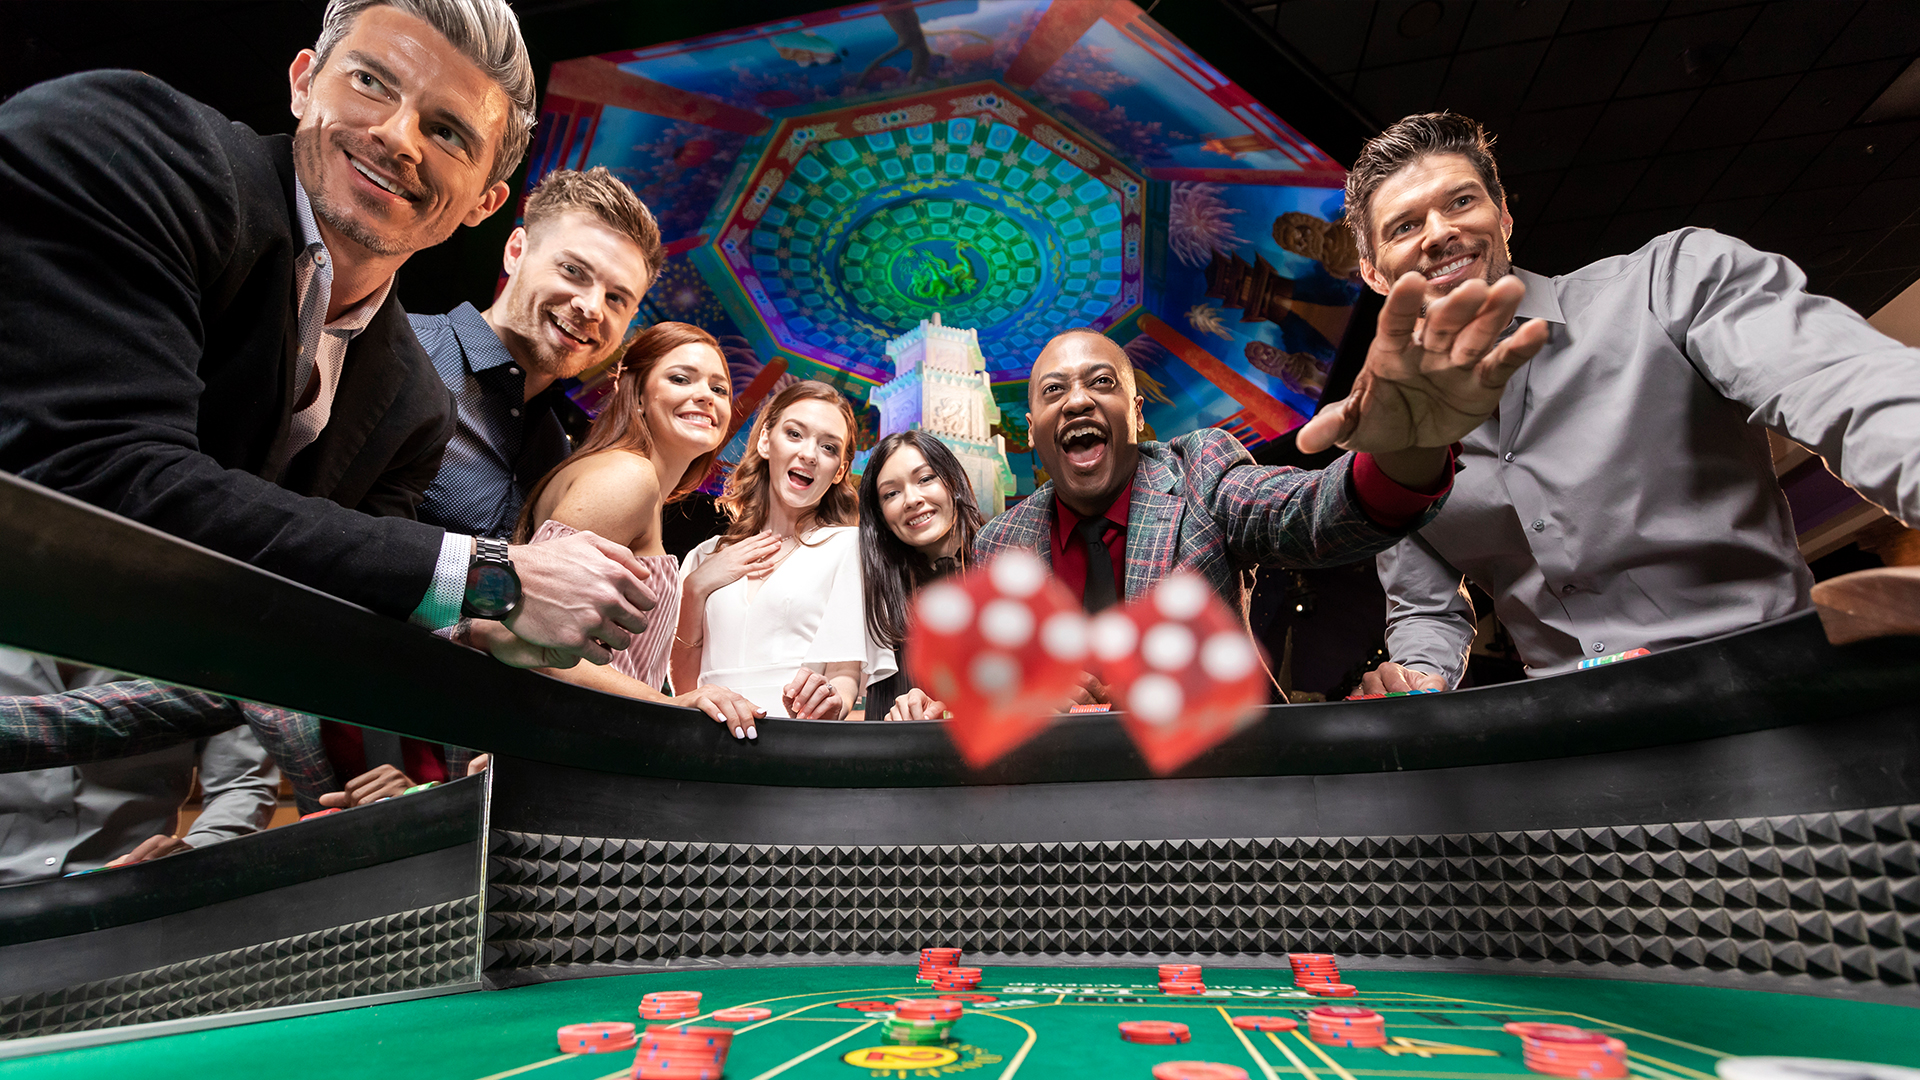 カジノプレイヤー